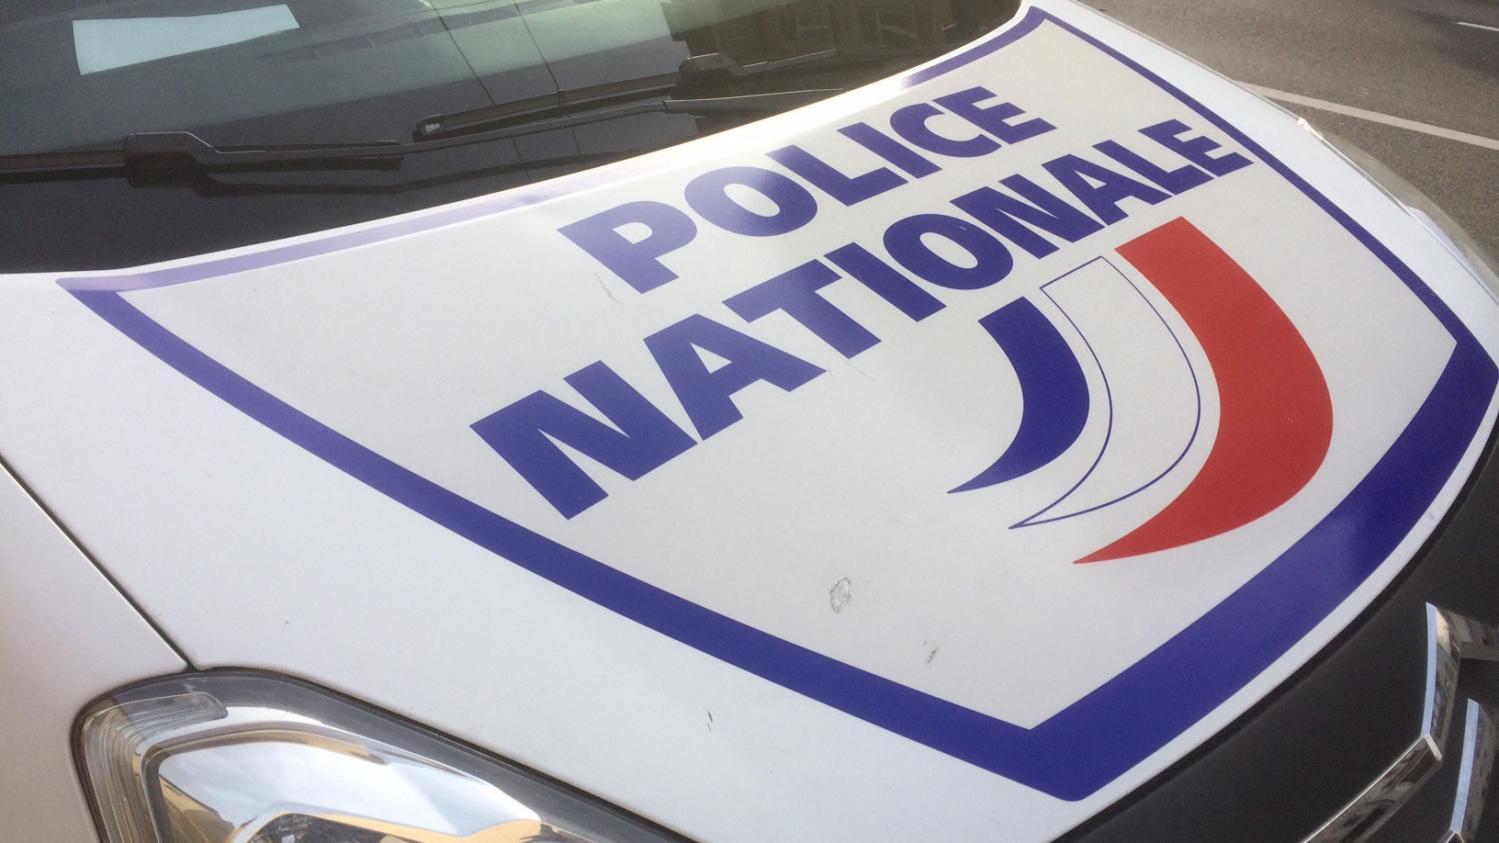 Quatre personnes mises en examen en Gironde et en Charente-Maritime pour financement du terrorisme